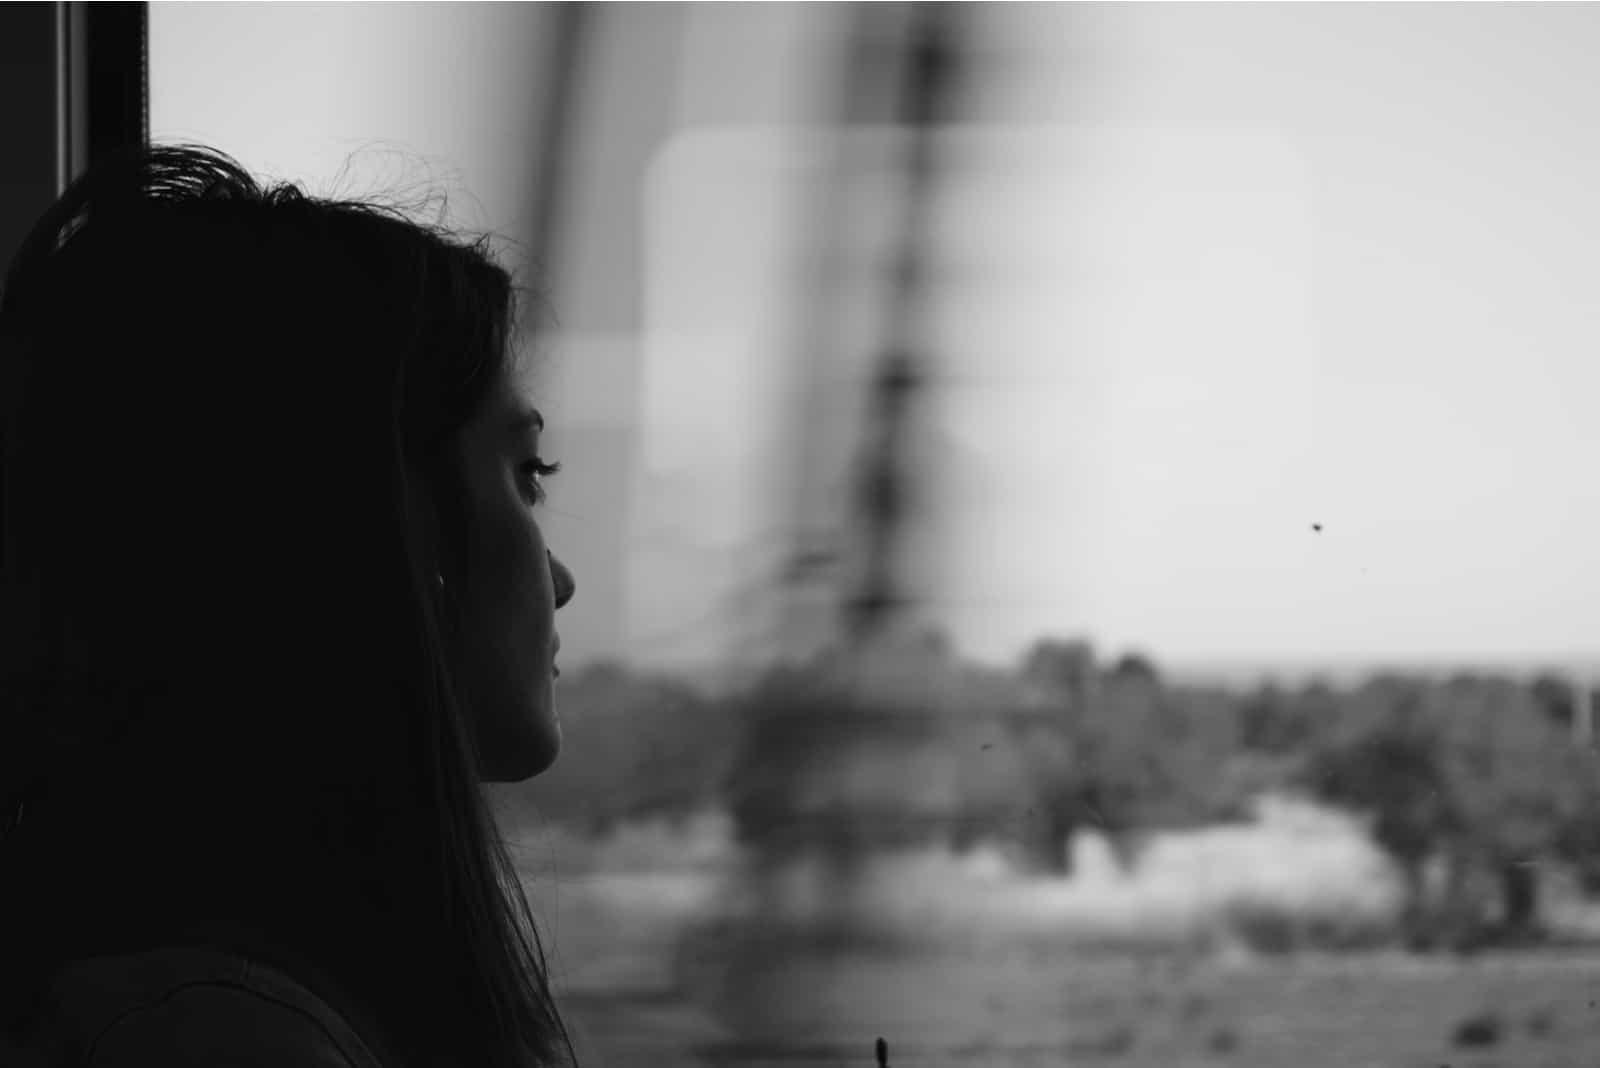 la femme imaginée regarde par la fenêtre